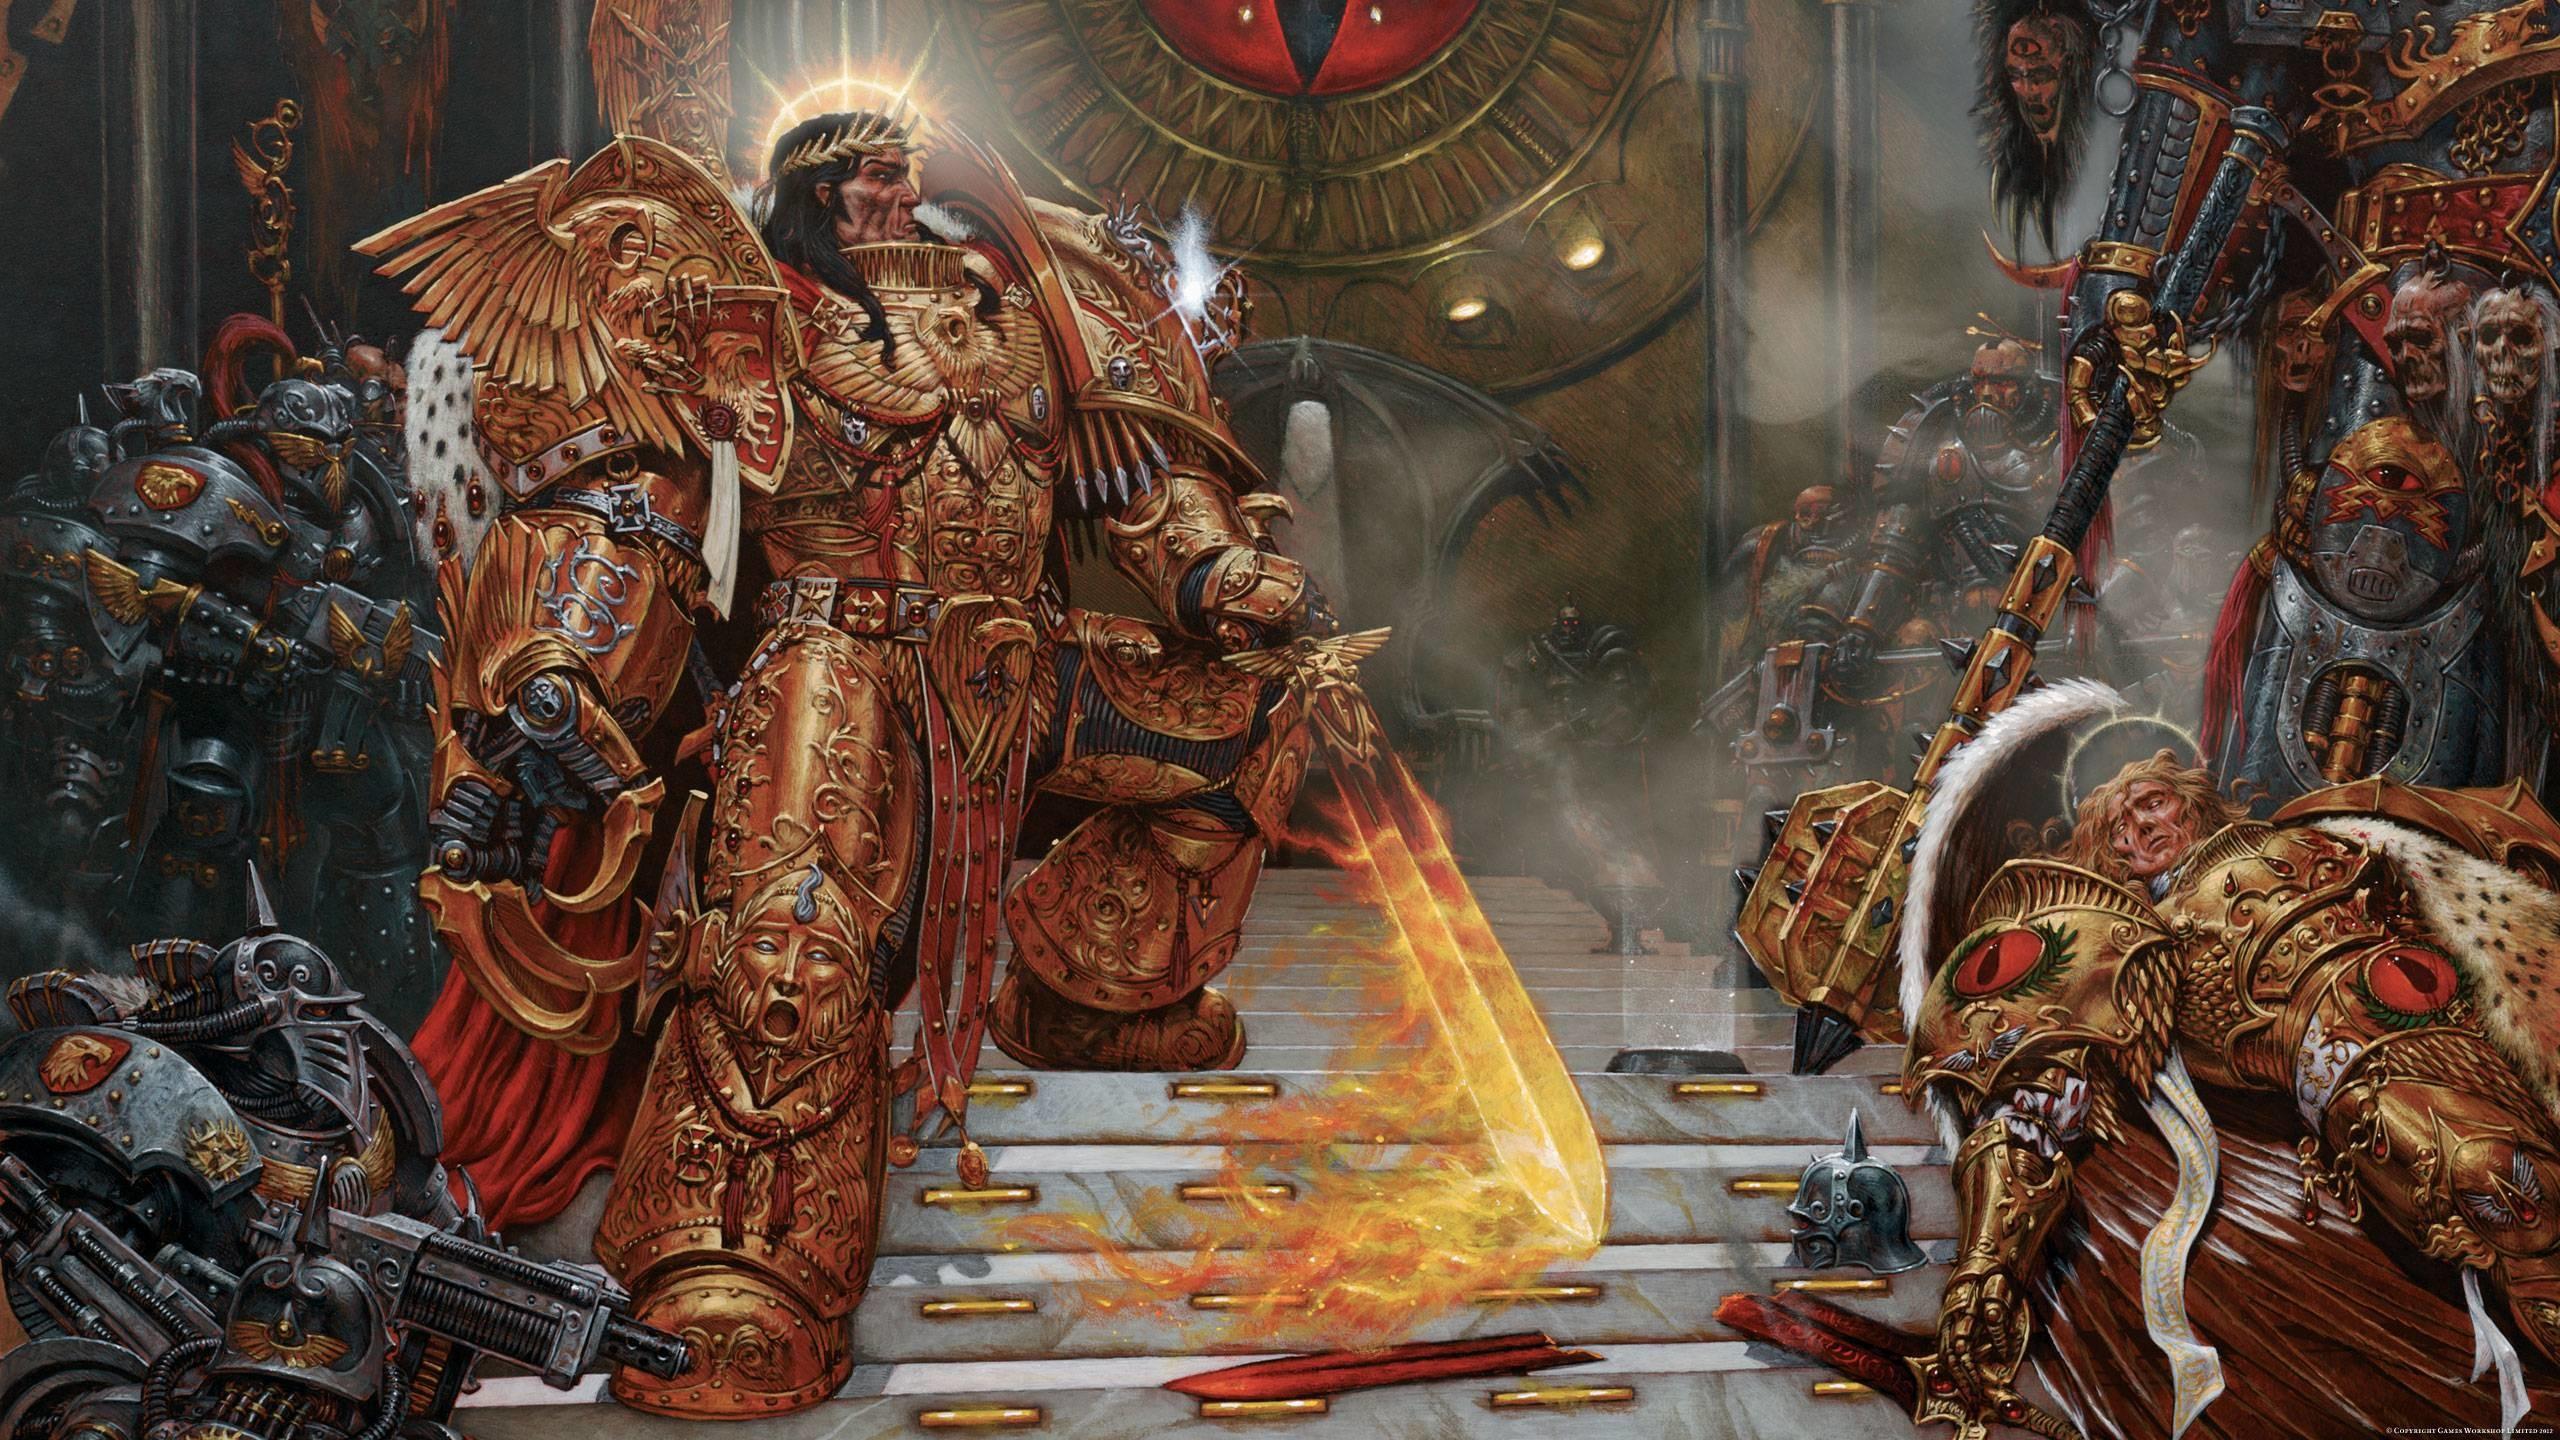 Warhammer 40K Tyranid Wallpaper (65+ images)